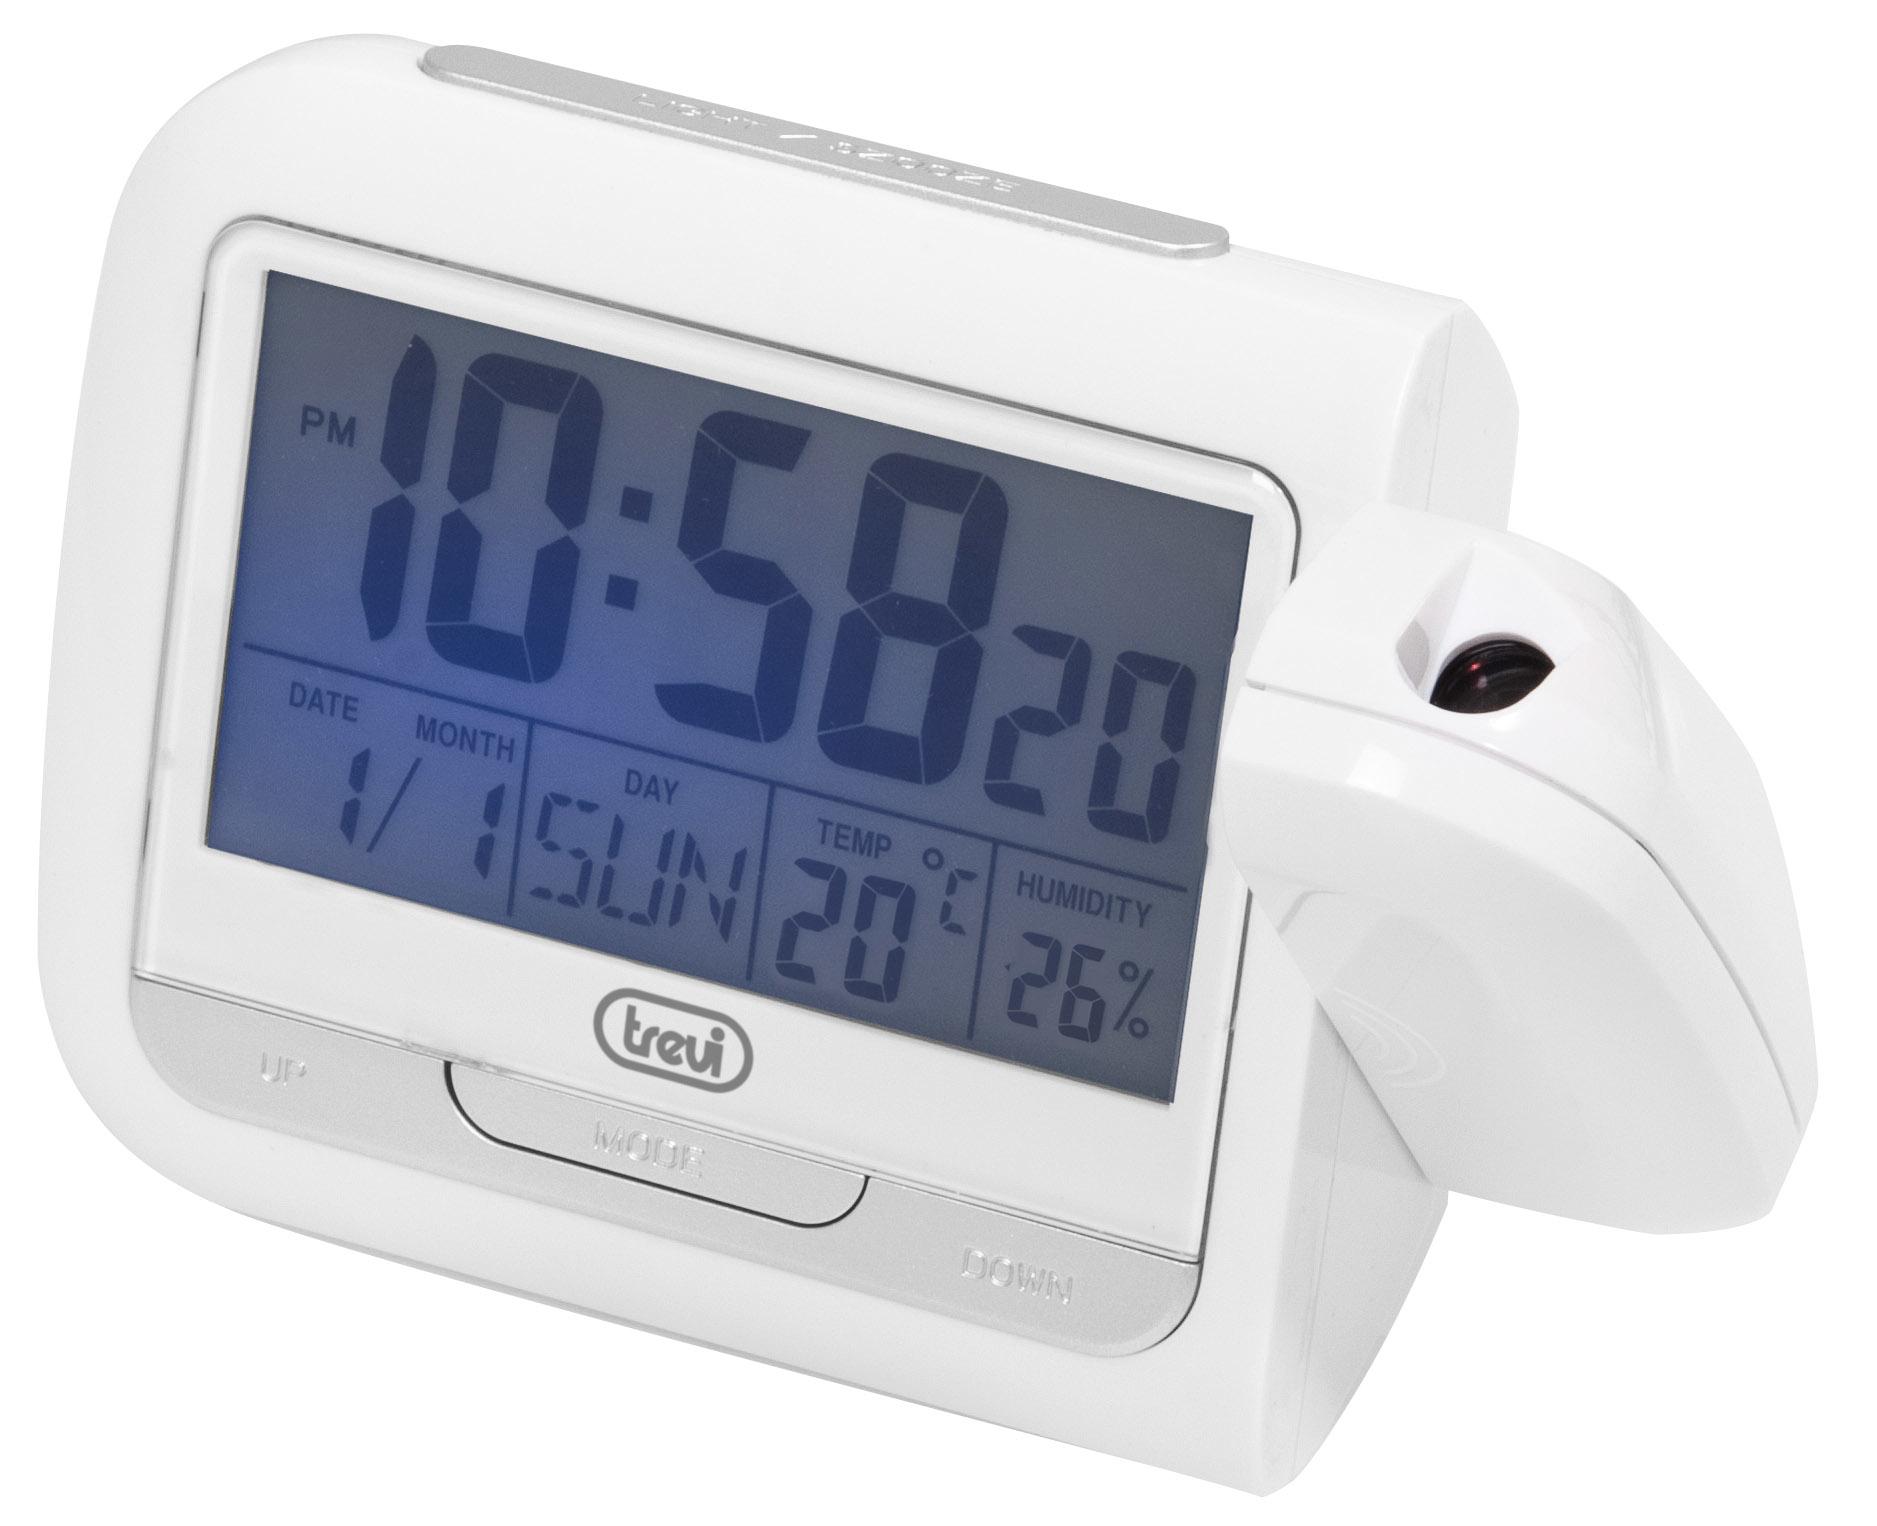 Trevi orologio digitale con sveglia e proiettore PJ 3027 Bianco